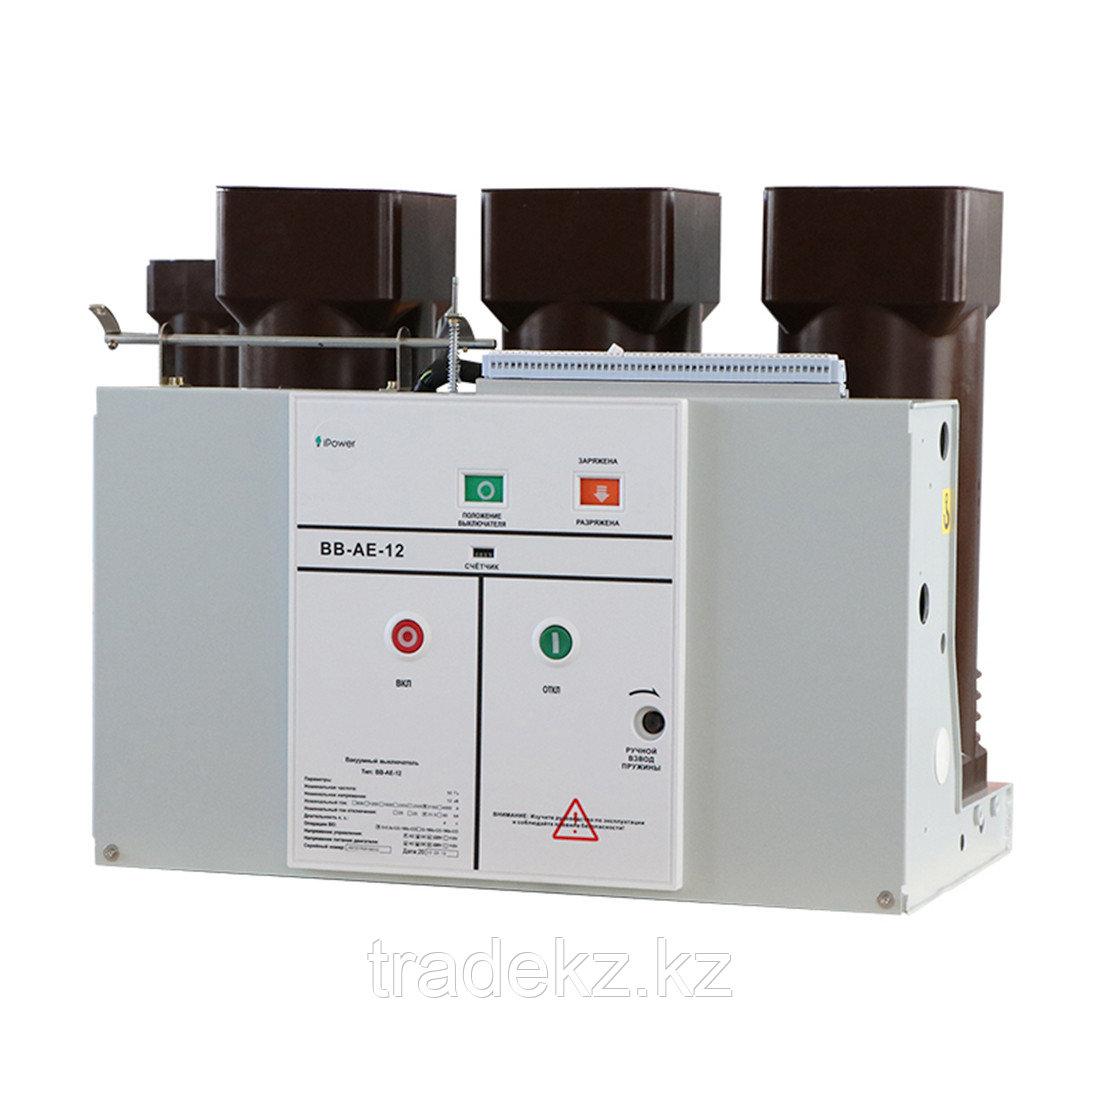 Вакуумный выключатель iPower BB-AE-12 1600А (12kV, 31.5KA, 220V DC, 5А) стационарный